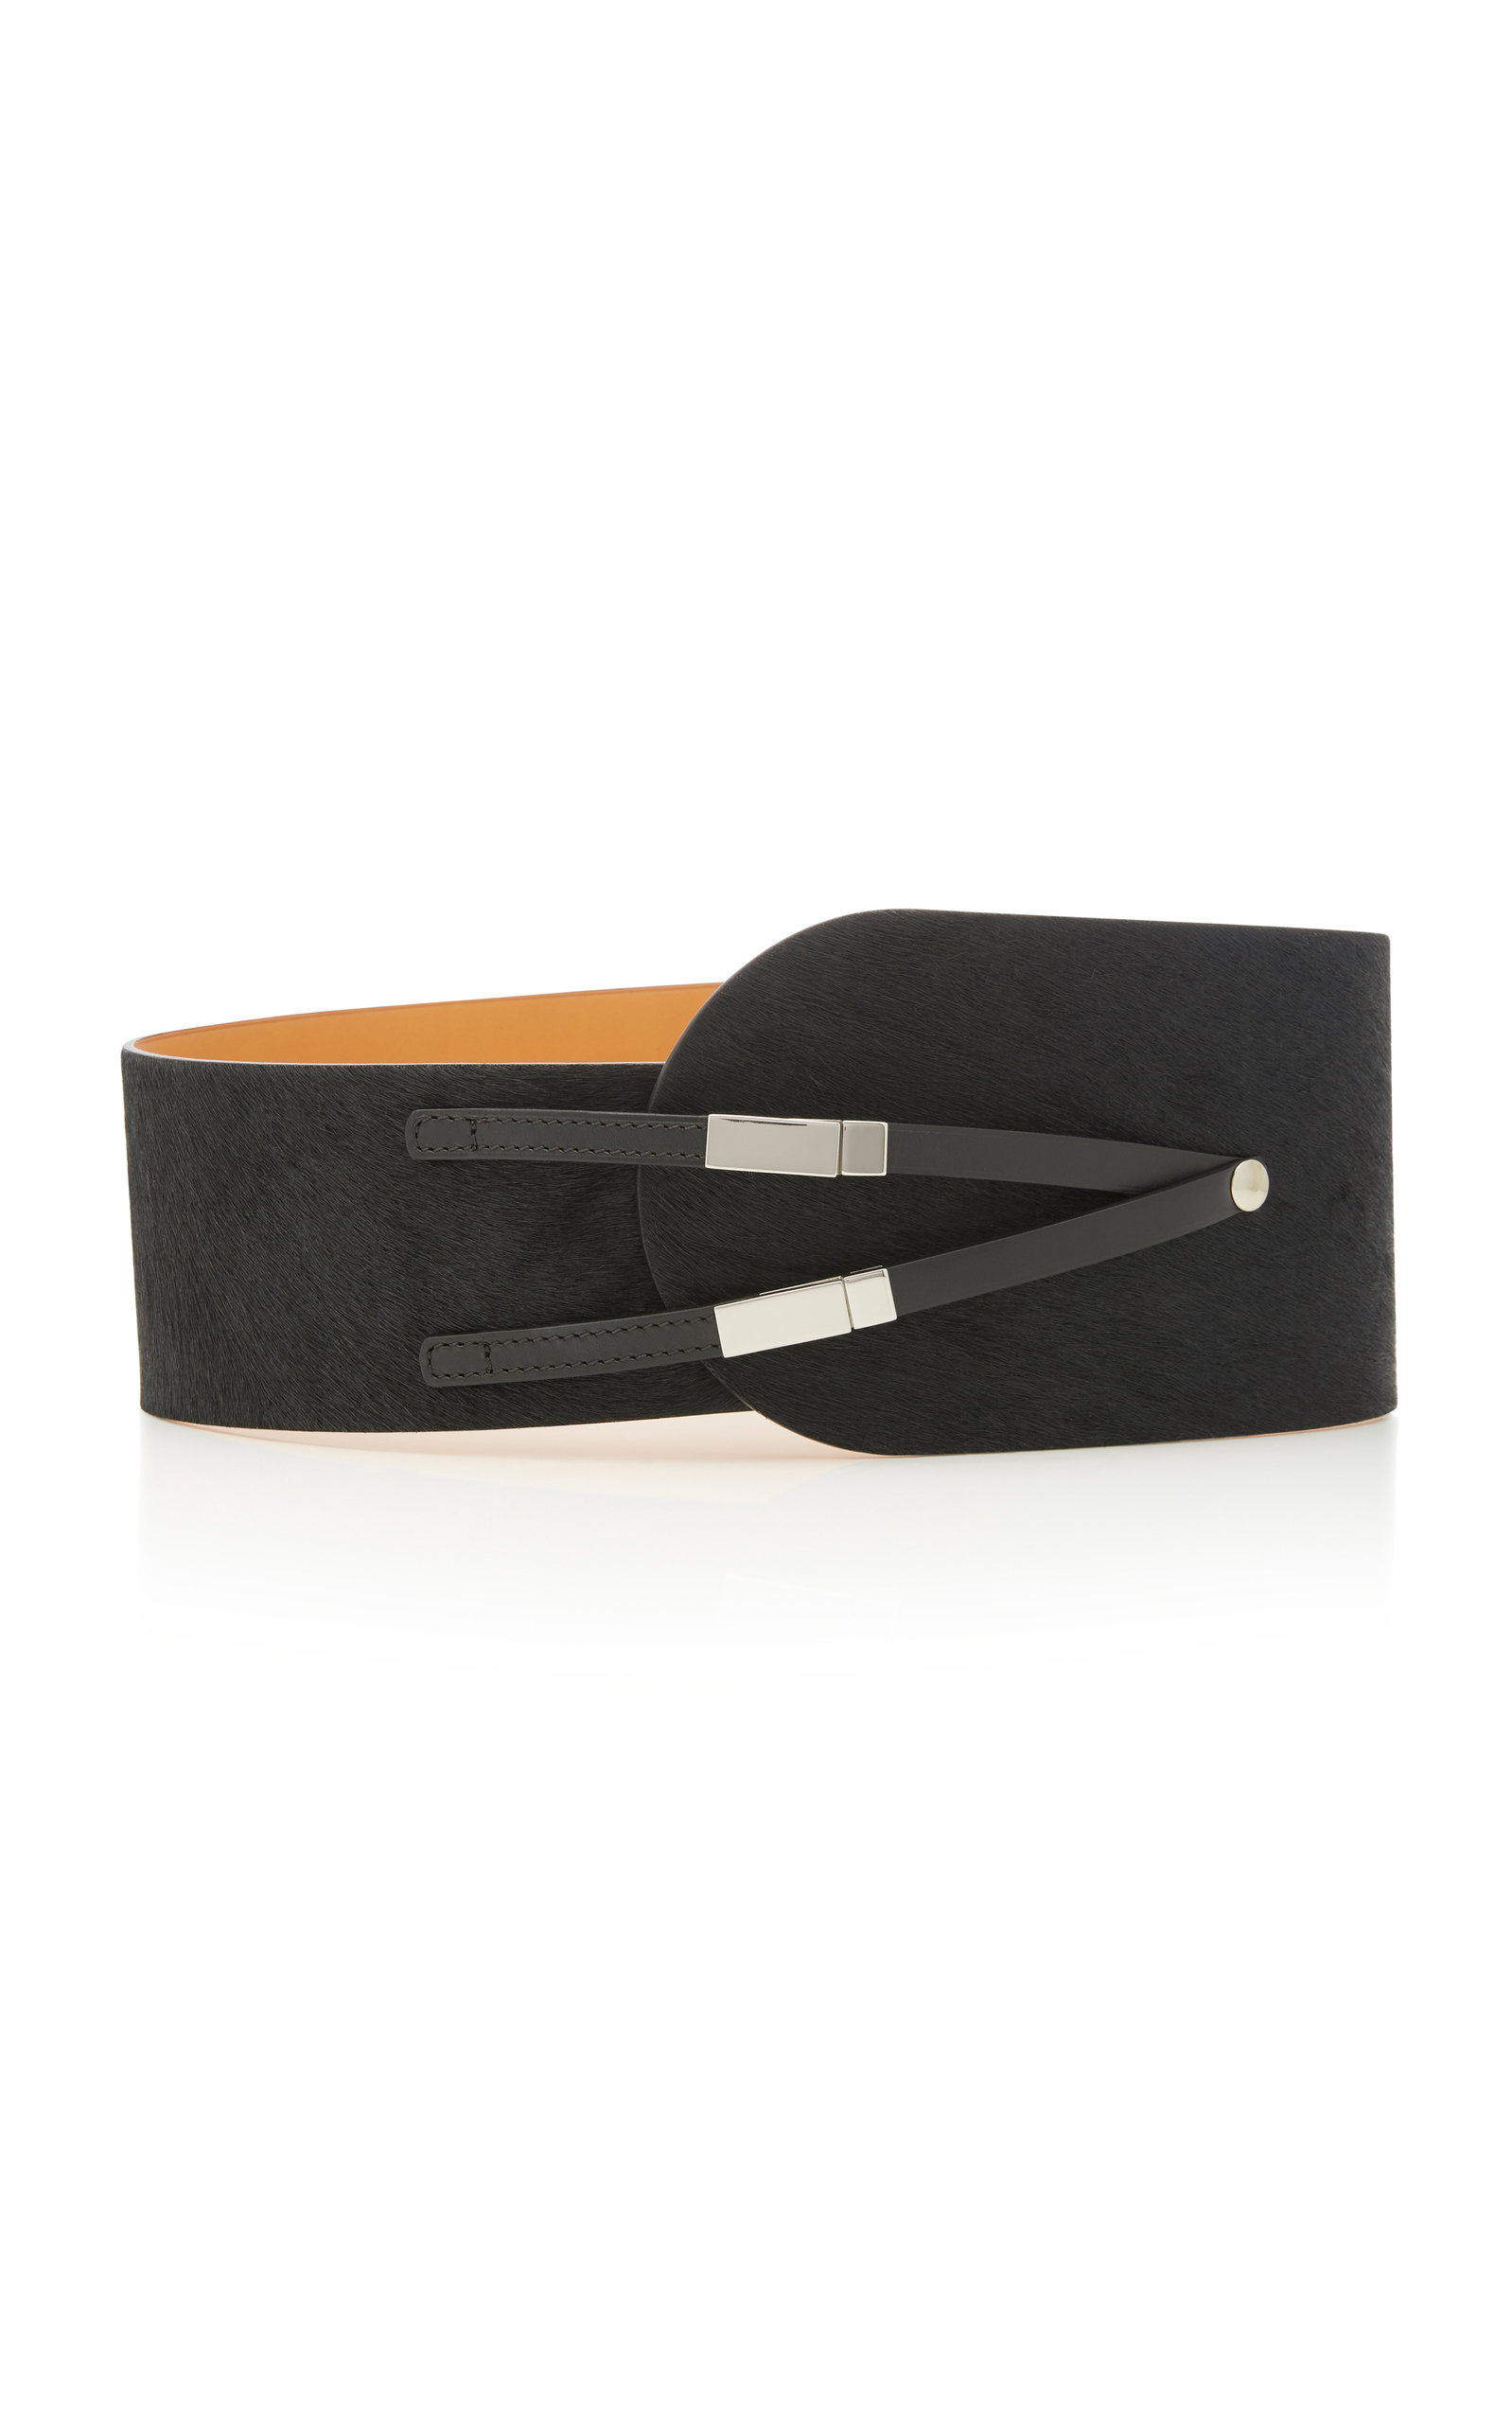 Leather-Trimmed Calf-Hair Belt Maison Vaincourt wmMd4MDKa8